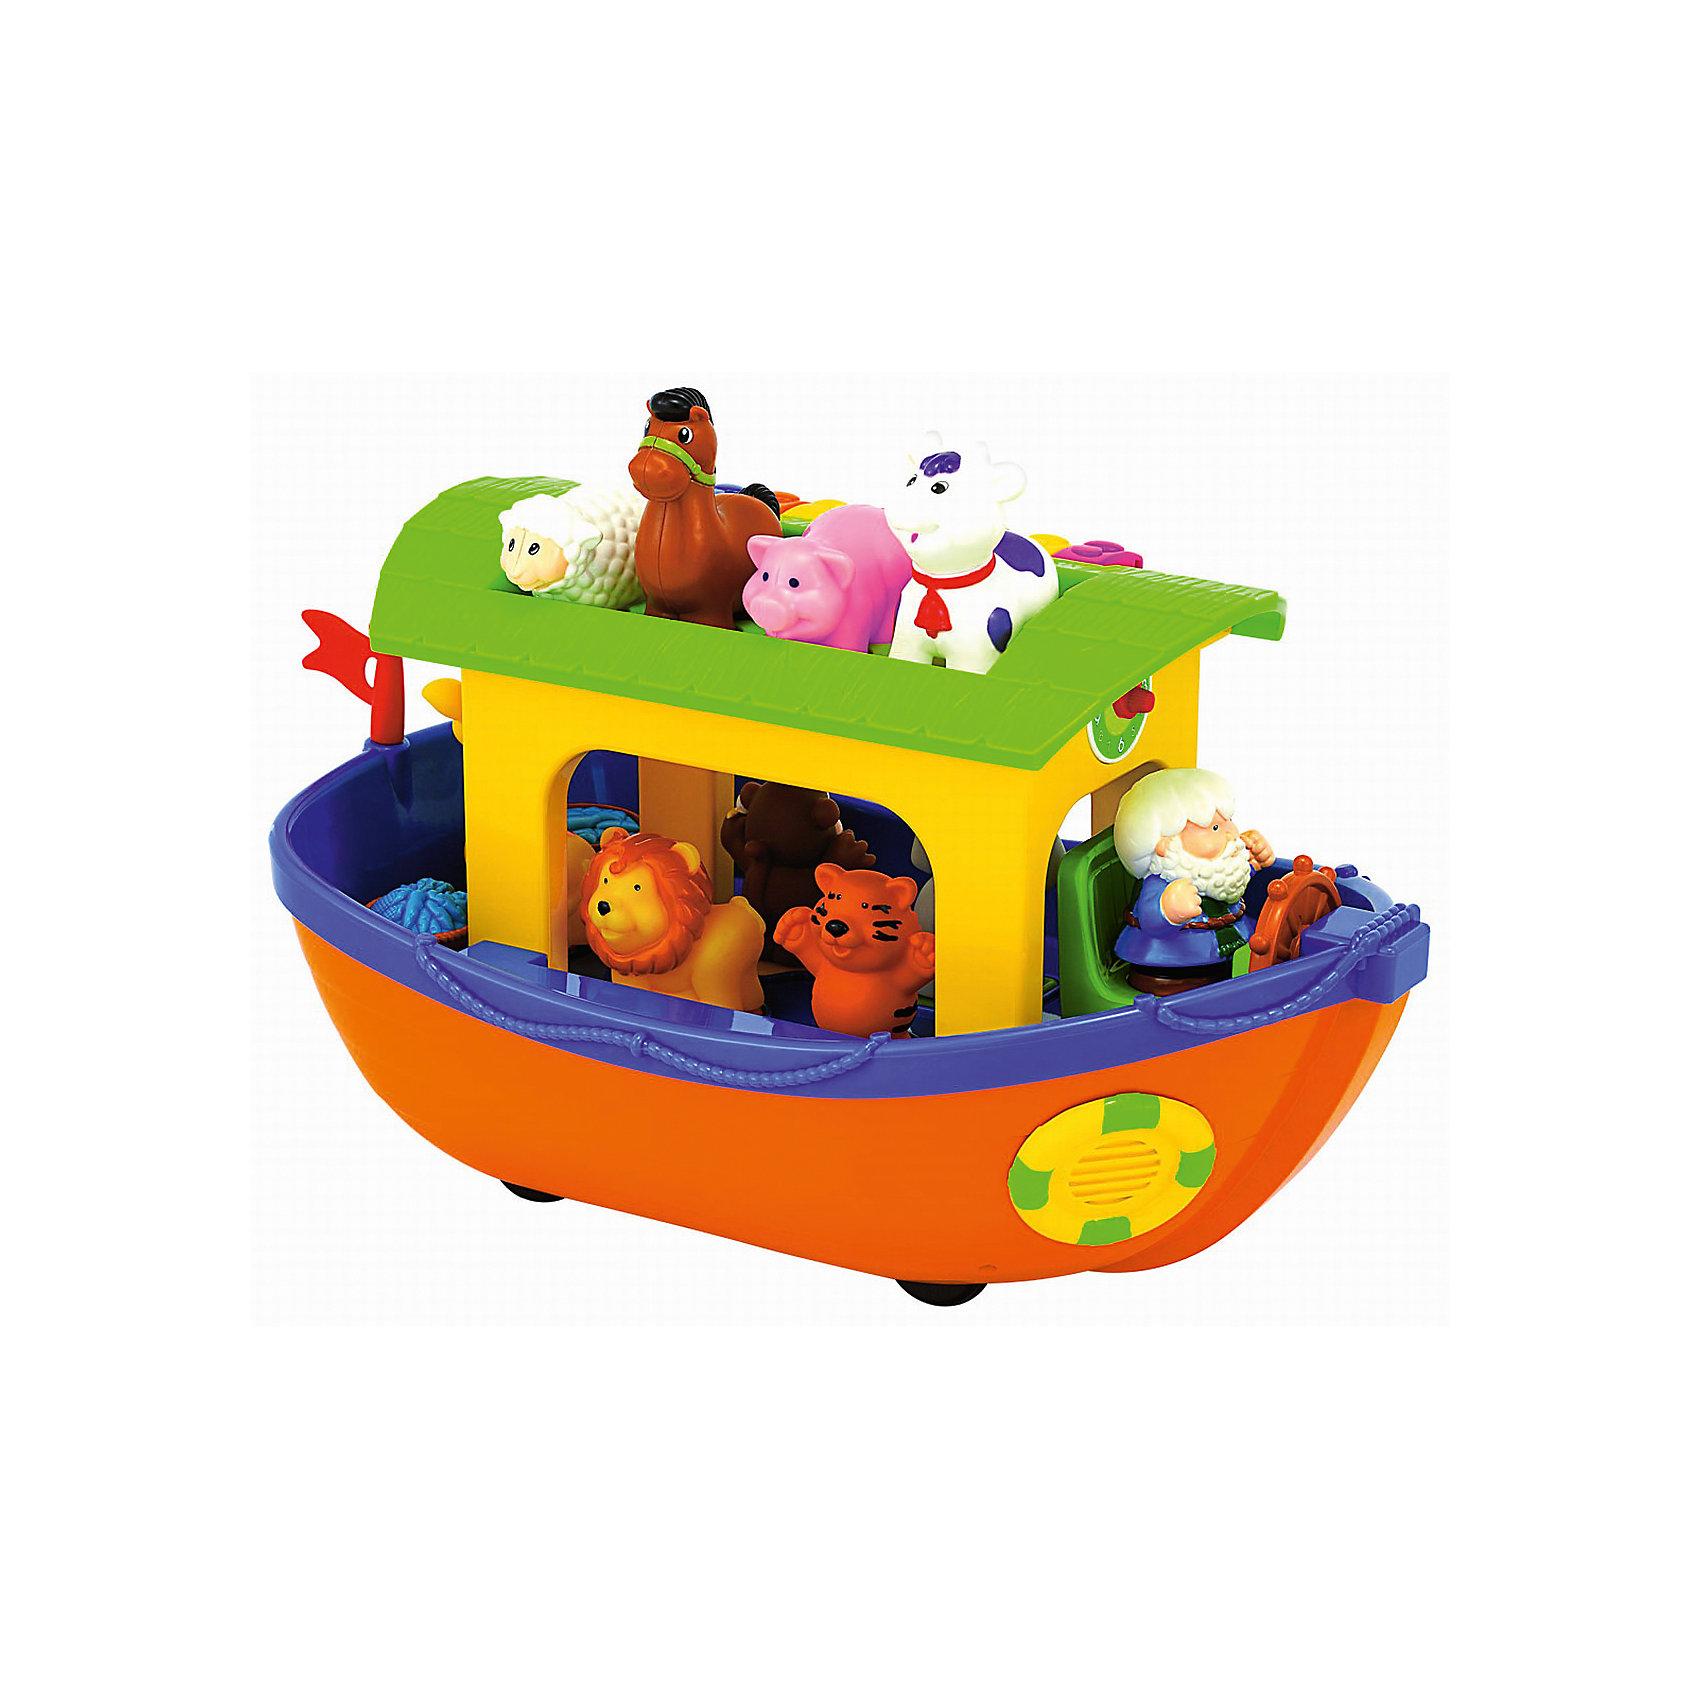 Развивающая игрушка Ноев ковчег, KiddielandРазвивающая игрушка Ноев ковчег, Kiddieland<br><br>Характеристики:<br>- В набор входит: ковчег, Ной, животные 9 шт., элементы питания<br>- Материал: пластик<br>- Элементы питания: батарейки АА, 2 шт.<br>- Размер упаковки: 22 * 41 * 21 см.<br>- Вес: 1,7 кг.<br>Развивающая игрушка в виде ковчега с животными от известного китайского бренда игрушек для детей Kiddieland (Киддилэнд) будет прекрасным подарком для ребенка. Оснащенный звуками и песенками он приведет малыша в восторг! Девять животных на корабле, верхний этаж предназначен для домашних животных, а нижний для зверей джунглей. У каждой зверушки свое место, согласно цветным формам-подставкам (квадрат, кружок, треугольник, сердечко, звездочка), а если нажать на одного из них, то можно узнать как это животное разговаривает. Часы на корме корабля помогут малышу понять что такое время, а клавиши на крыше – это пианино, с которым будет очень интересно играть. Ковчег имеет колесики и передвигается слегка покачиваясь из стороны в сторону. Изготовленная из пластика высокого качества, разноцветная игрушка способствует развитию памяти, воображения, восприятия цвета и звука, социальных навыков, моторики рук.<br>Развивающую игрушку Ноев ковчег, Kiddieland  (Киддилэнд) можно купить в нашем интернет-магазине.<br>Подробнее:<br>• Для детей в возрасте: от 1 до 3 лет<br>• Номер товара: 5054078<br>Страна производитель: Китай<br><br>Ширина мм: 410<br>Глубина мм: 200<br>Высота мм: 200<br>Вес г: 1500<br>Возраст от месяцев: 12<br>Возраст до месяцев: 36<br>Пол: Унисекс<br>Возраст: Детский<br>SKU: 5054078